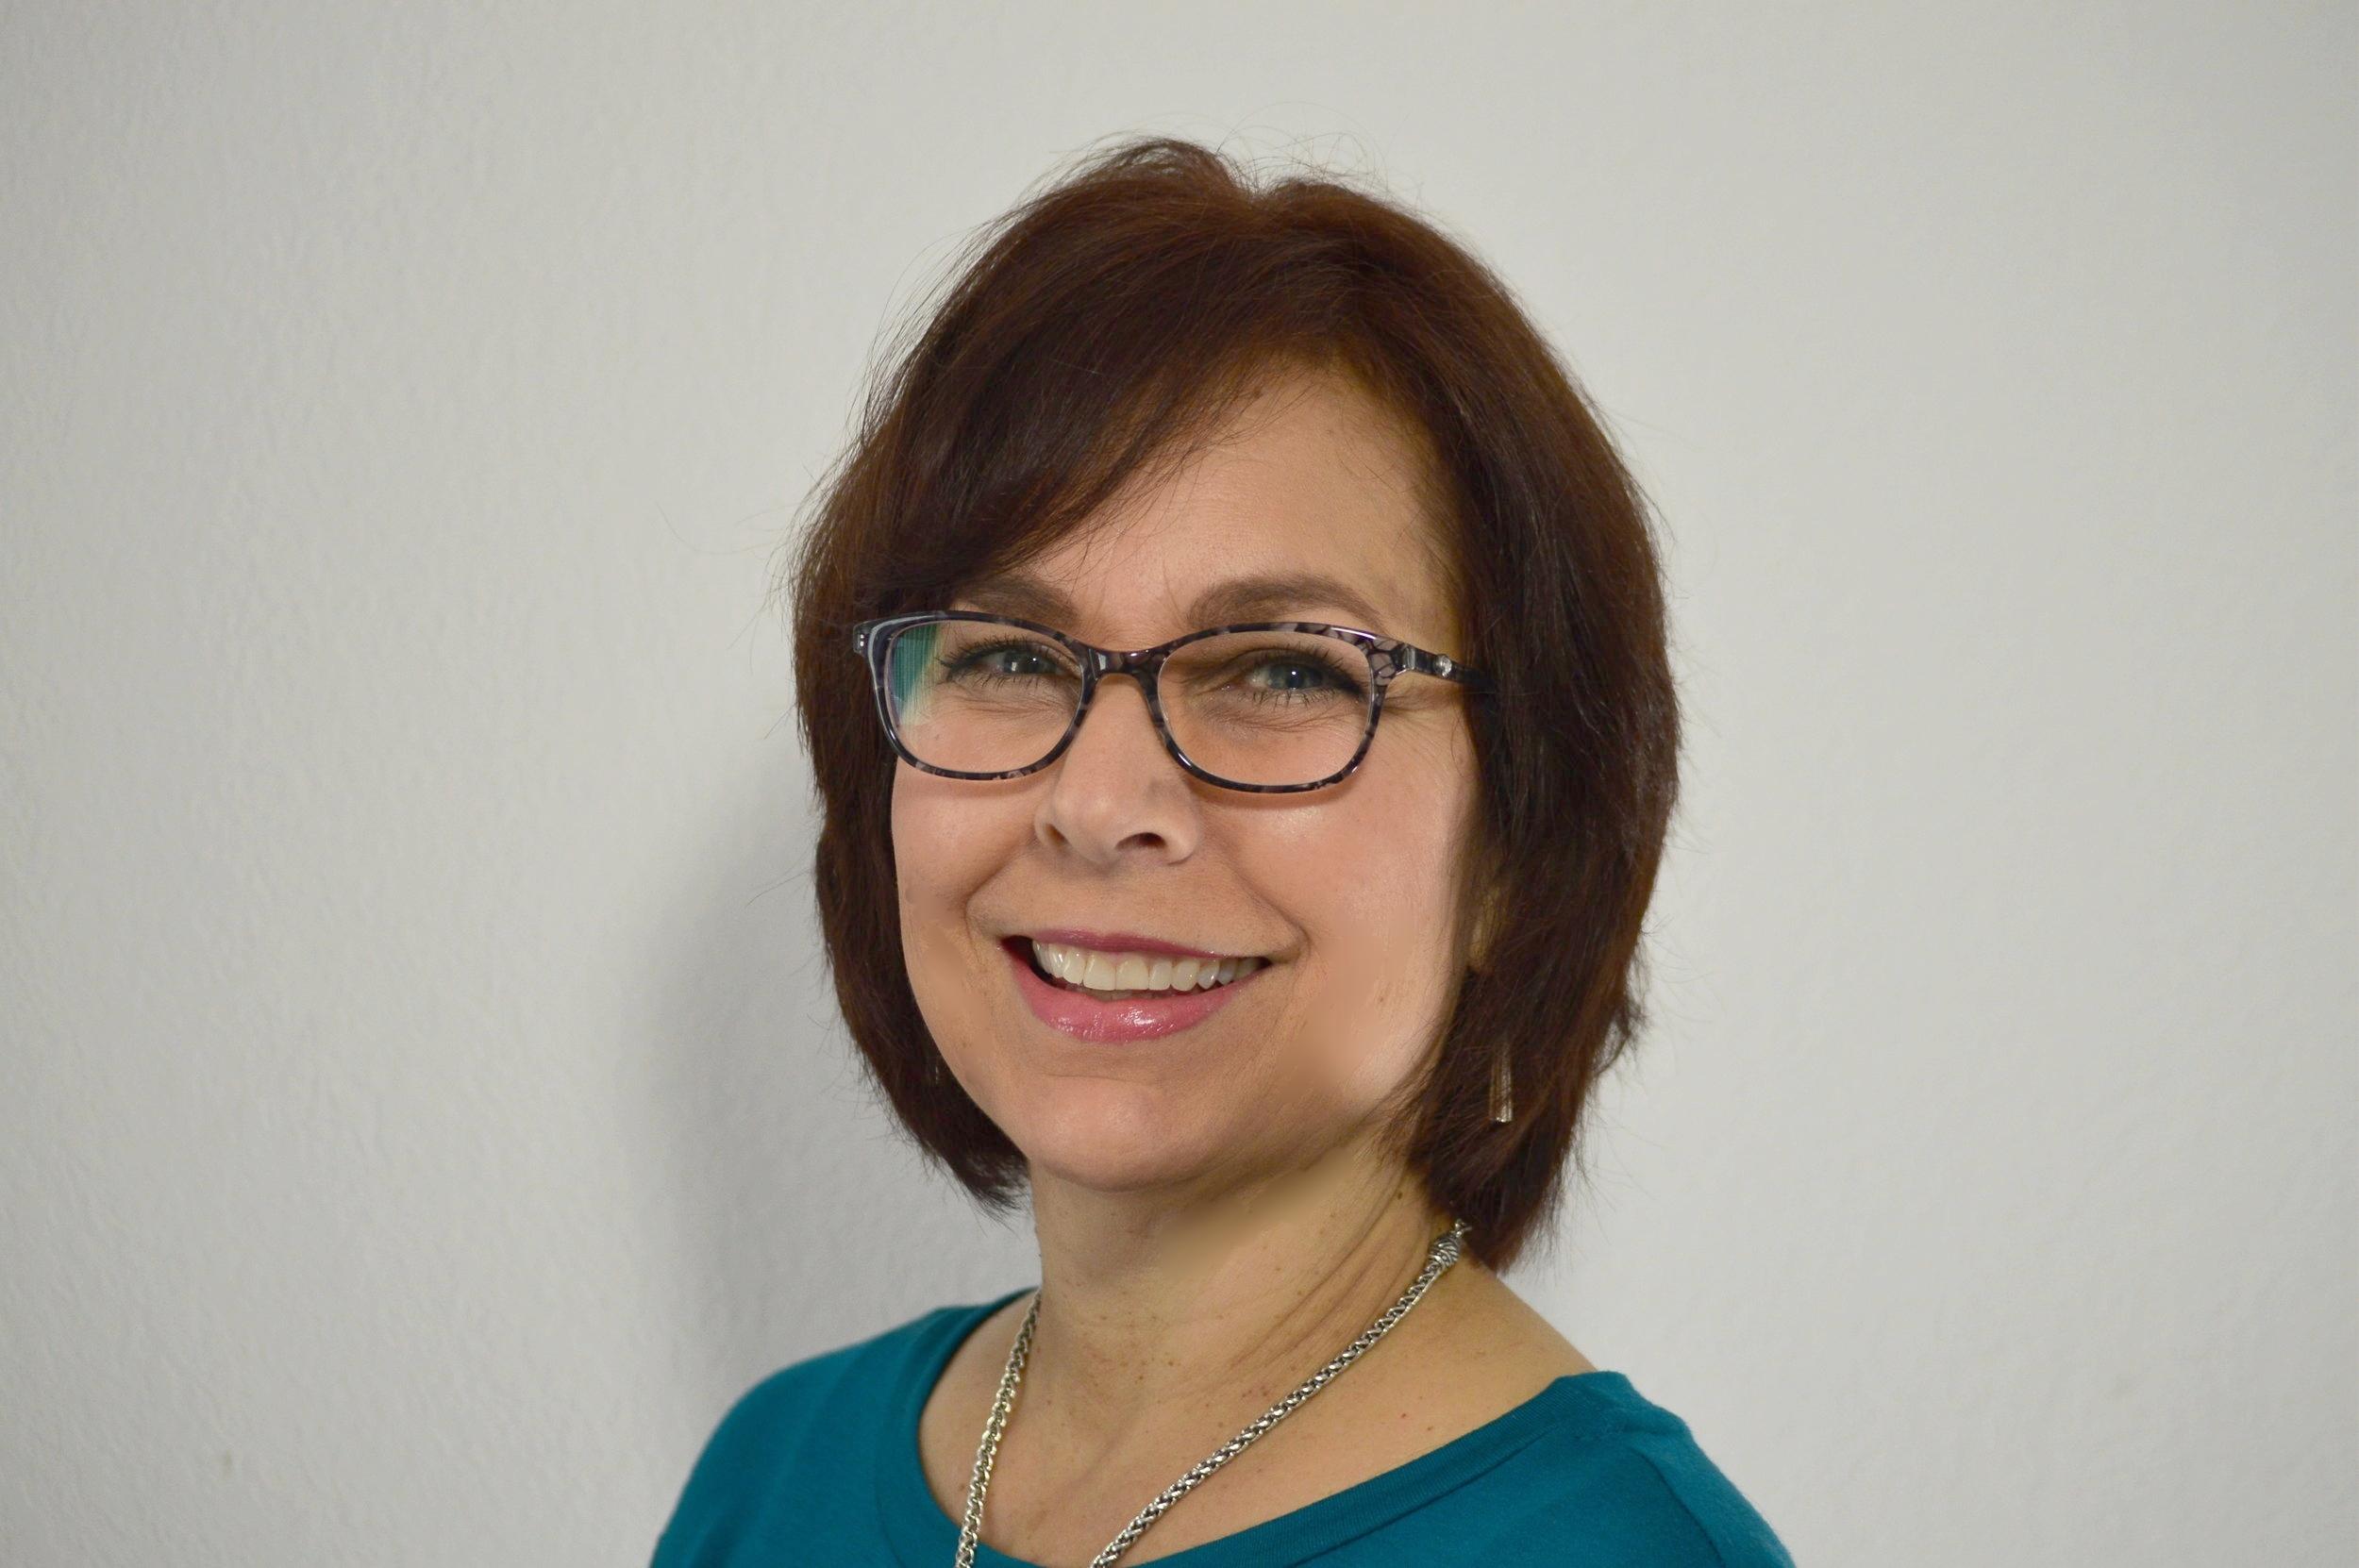 Teresa Hansen - Vice President